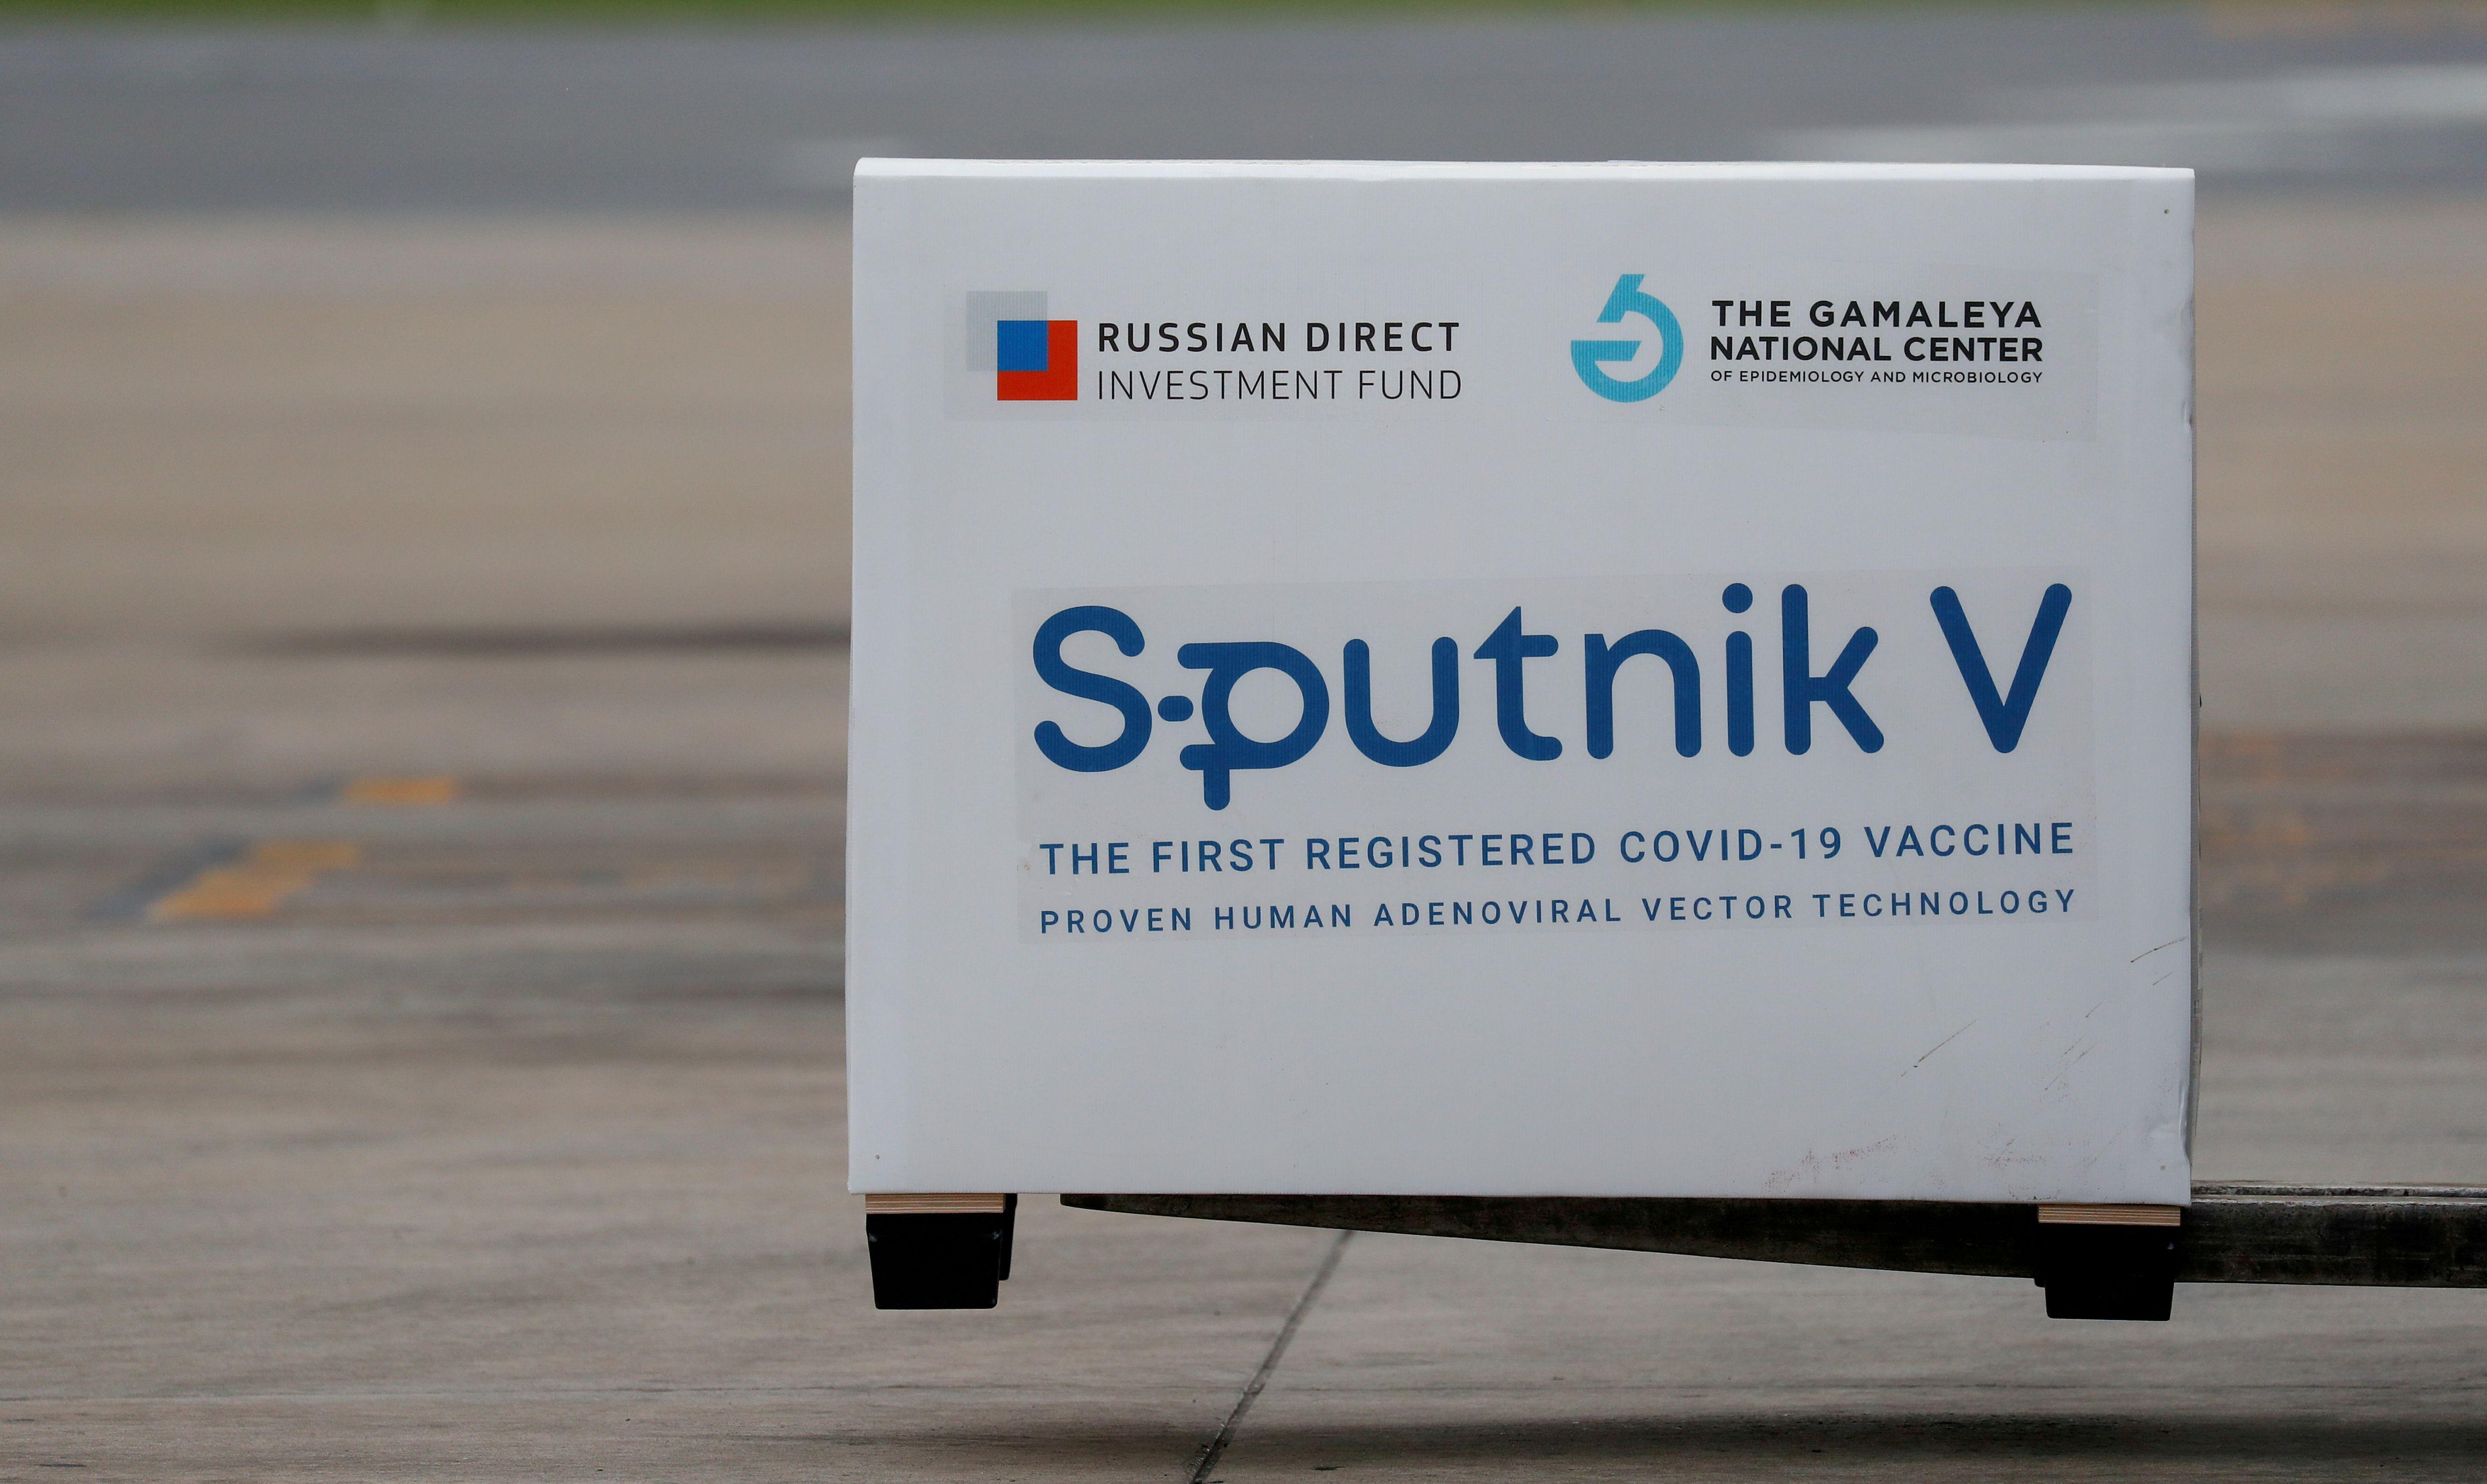 El Gobierno espera la llegada de segundas dosis desde Rusia (REUTERS/Agustin Marcarian/File Photo)